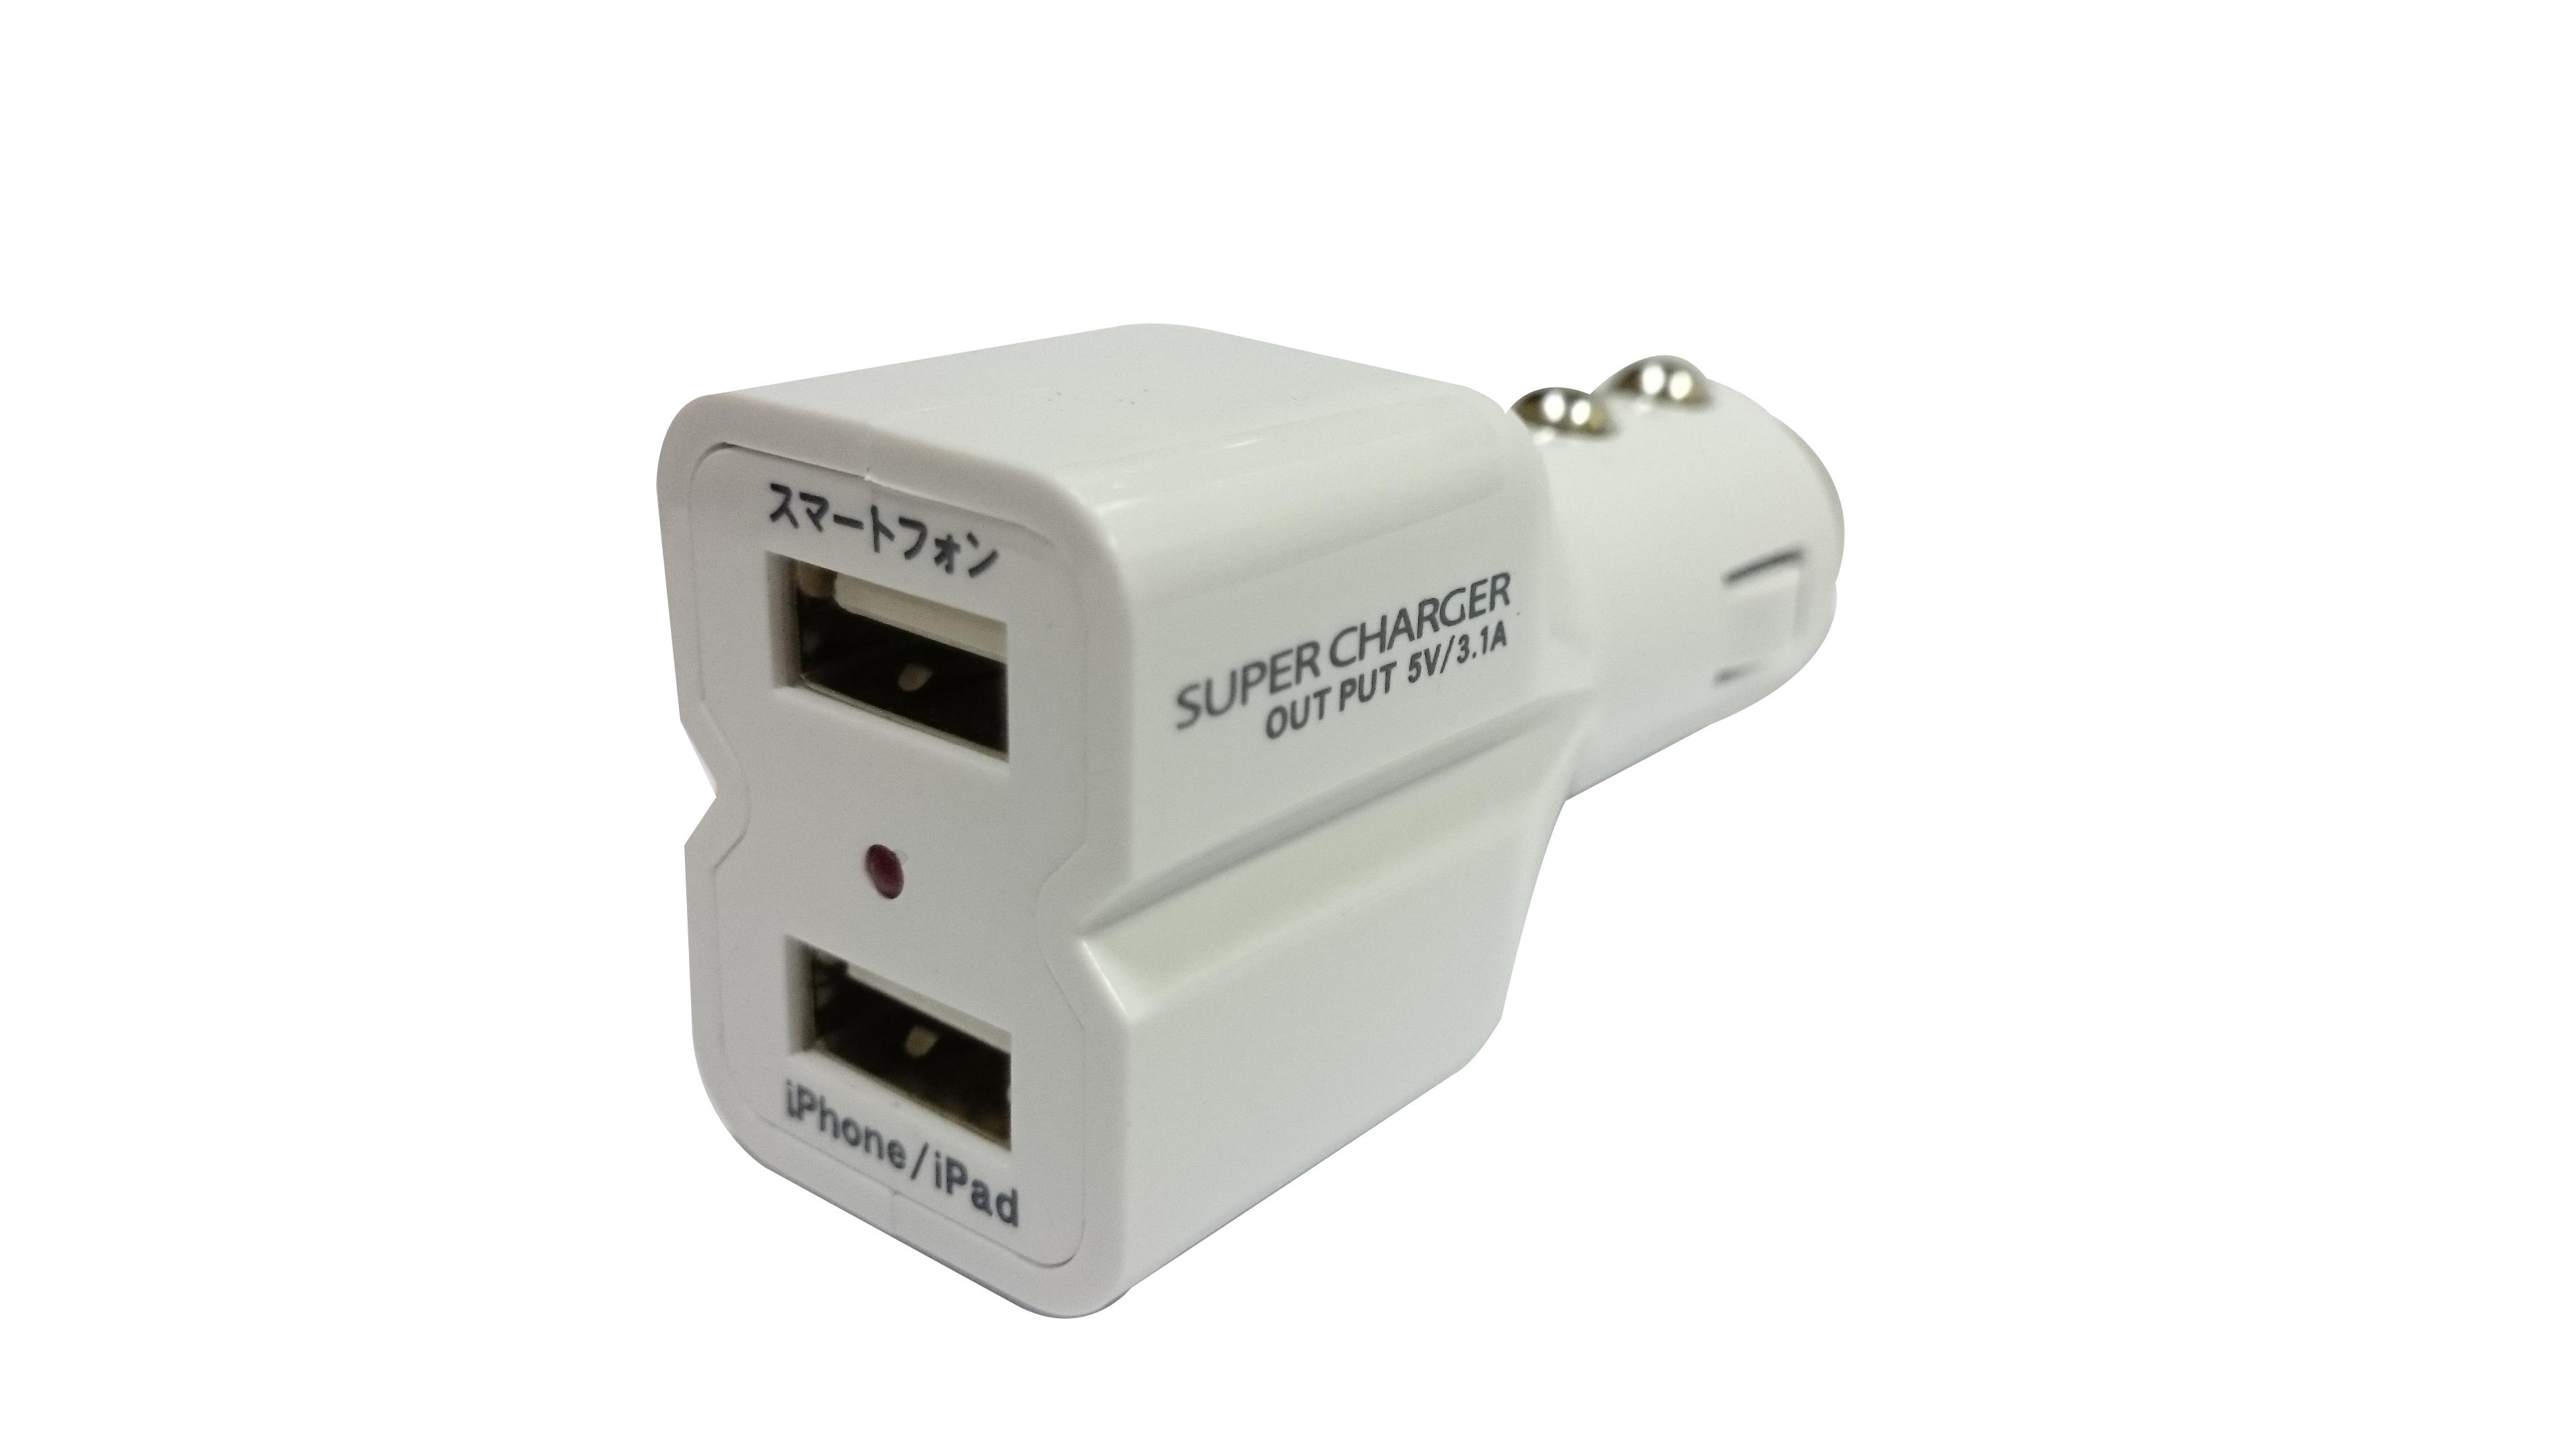 Socket เสริมพอร์ต USB 2 พอร์ต